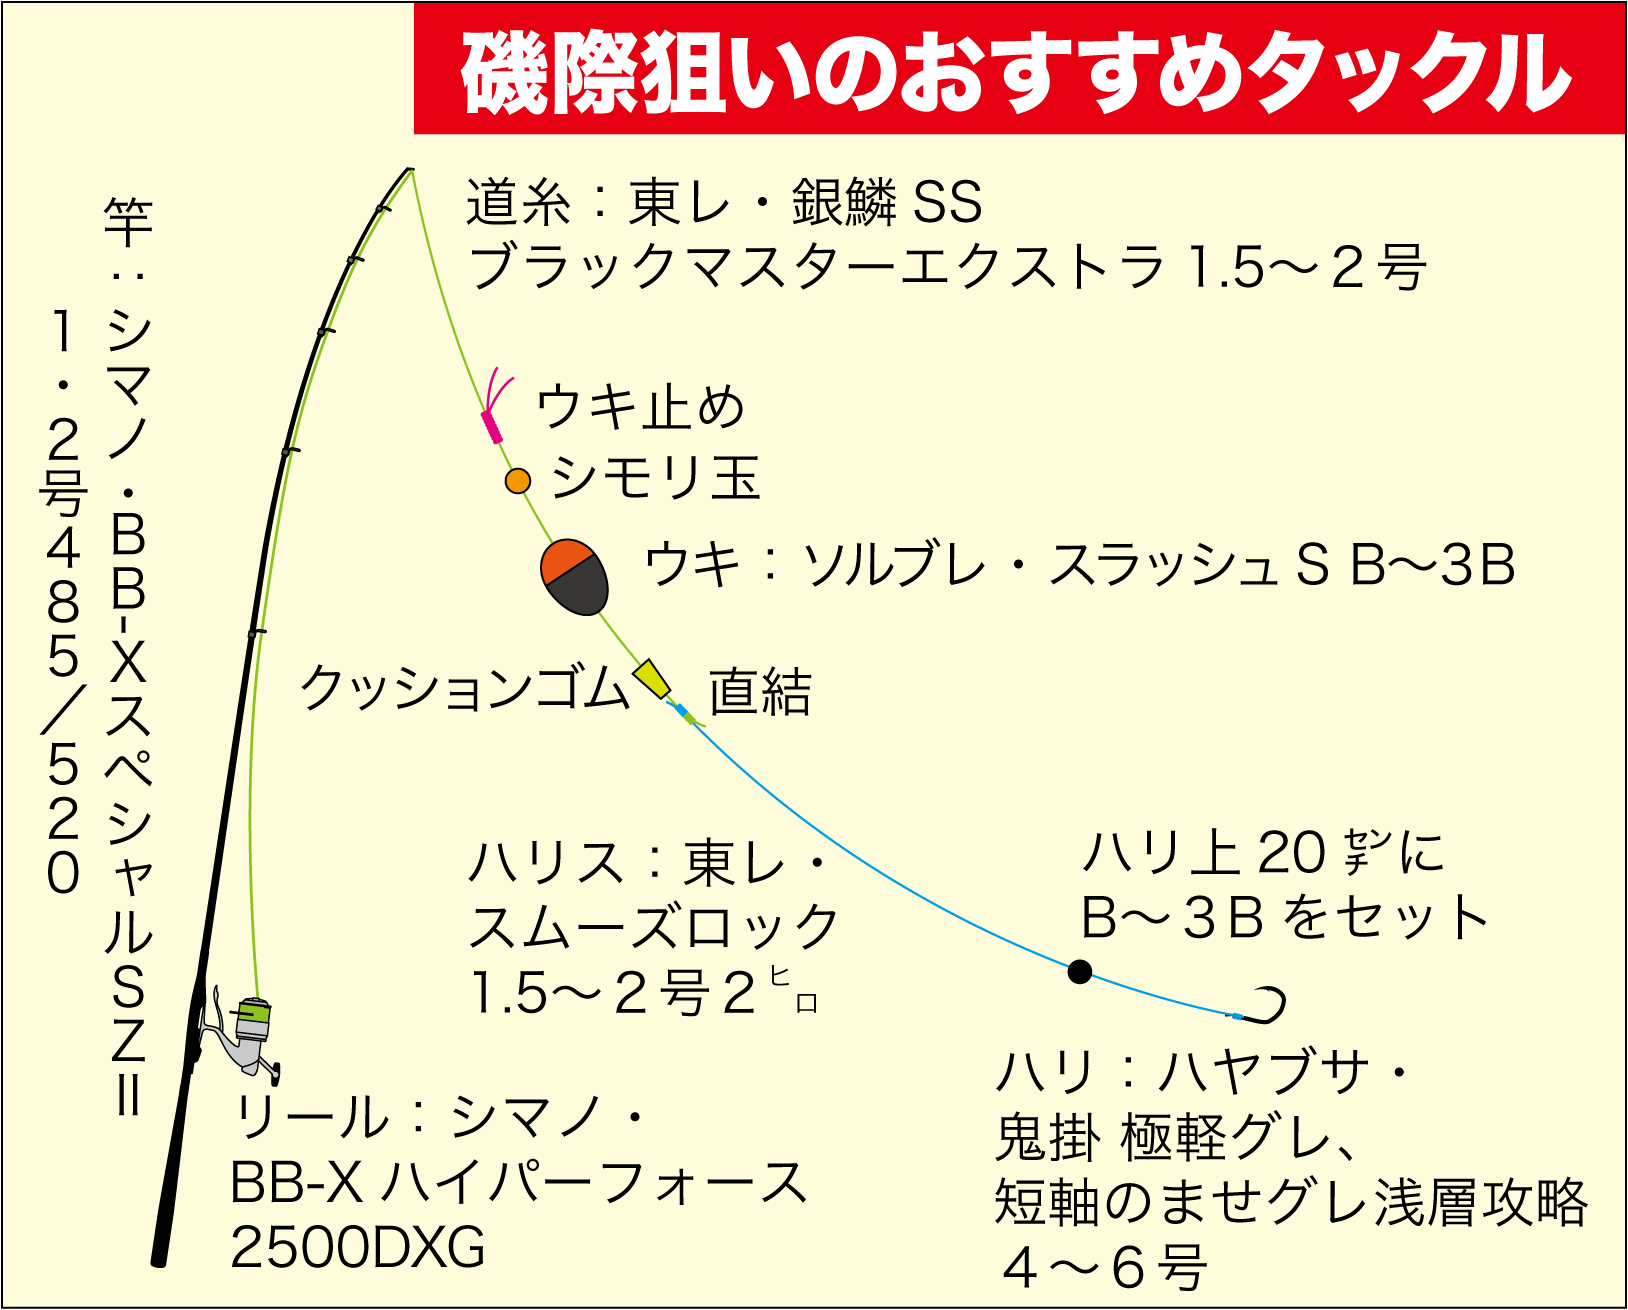 グレ常勝トーナメント思考8-3